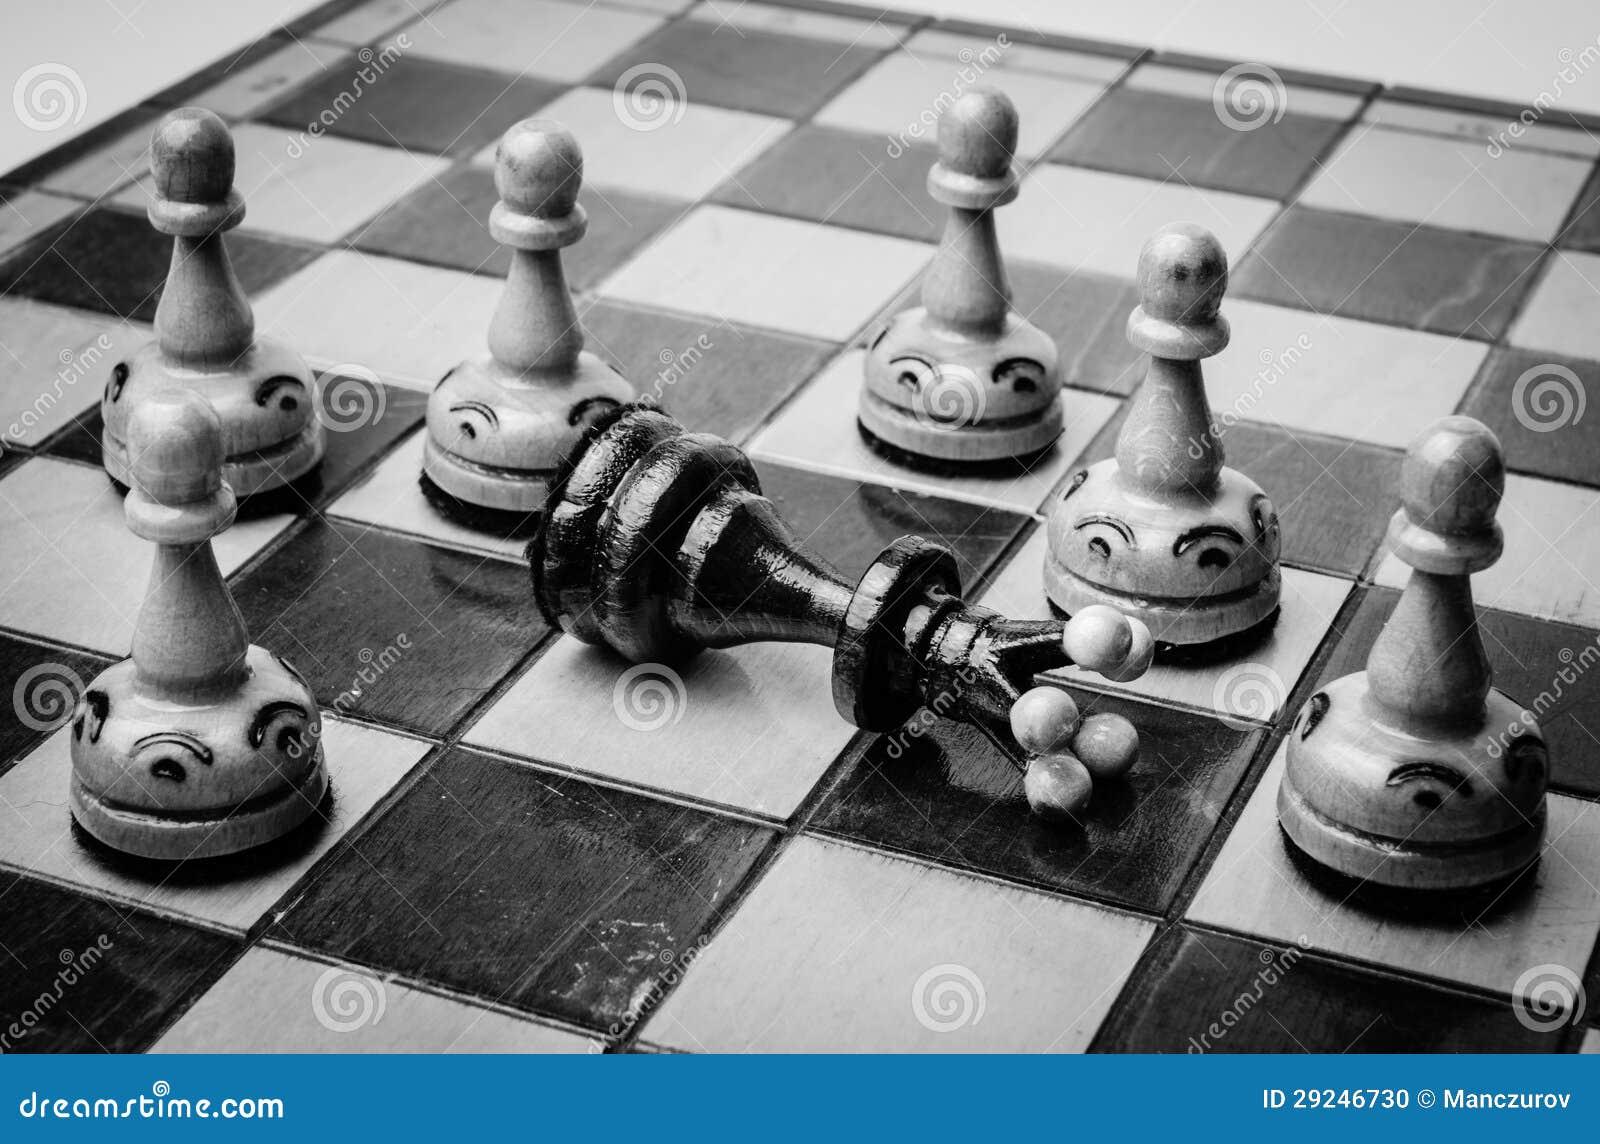 Download Placa de xadrez ilustração stock. Ilustração de inimigo - 29246730